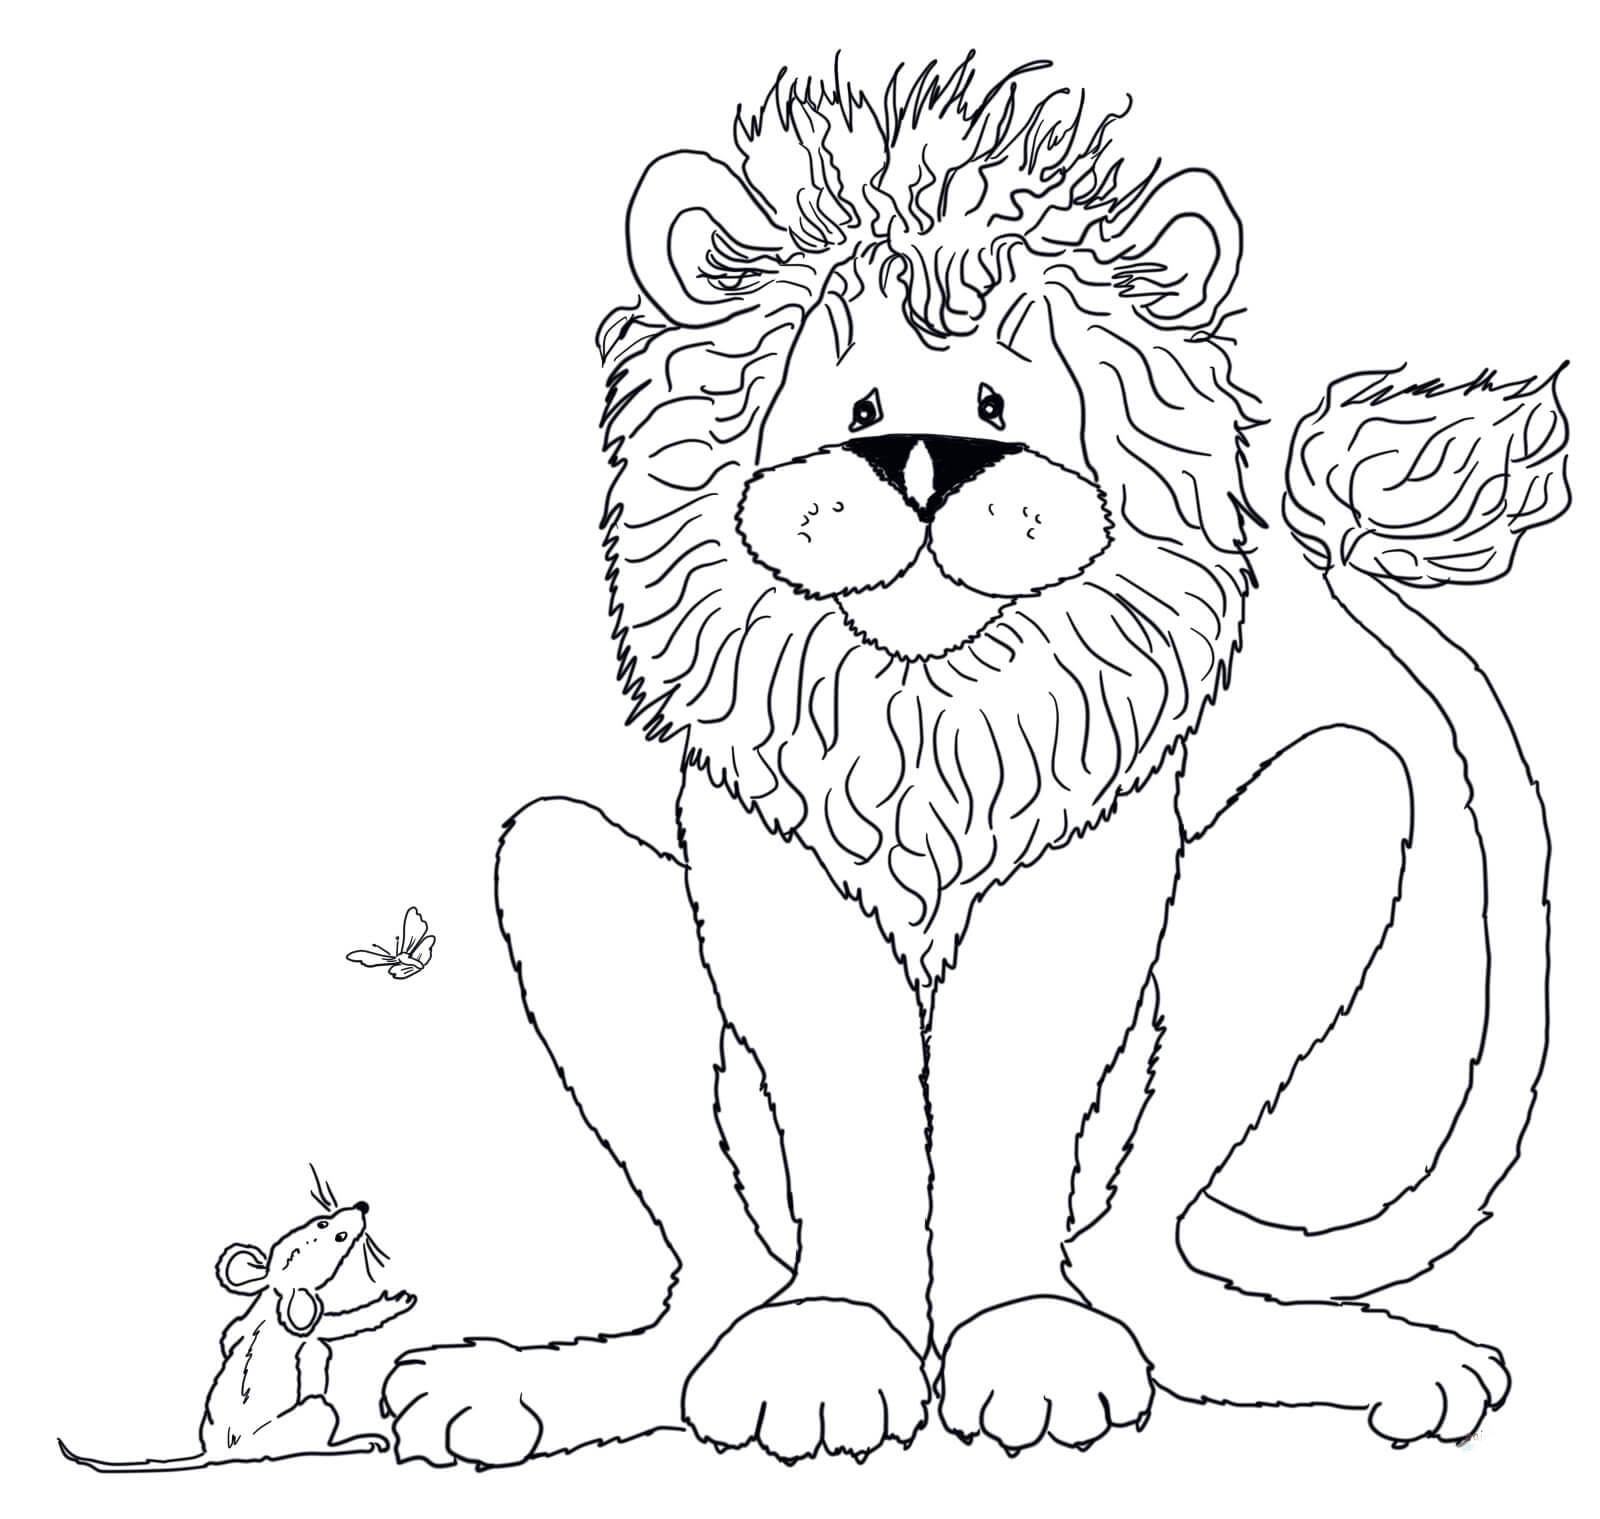 Desenho De Leao E Amigo Ratinho Para Colorir